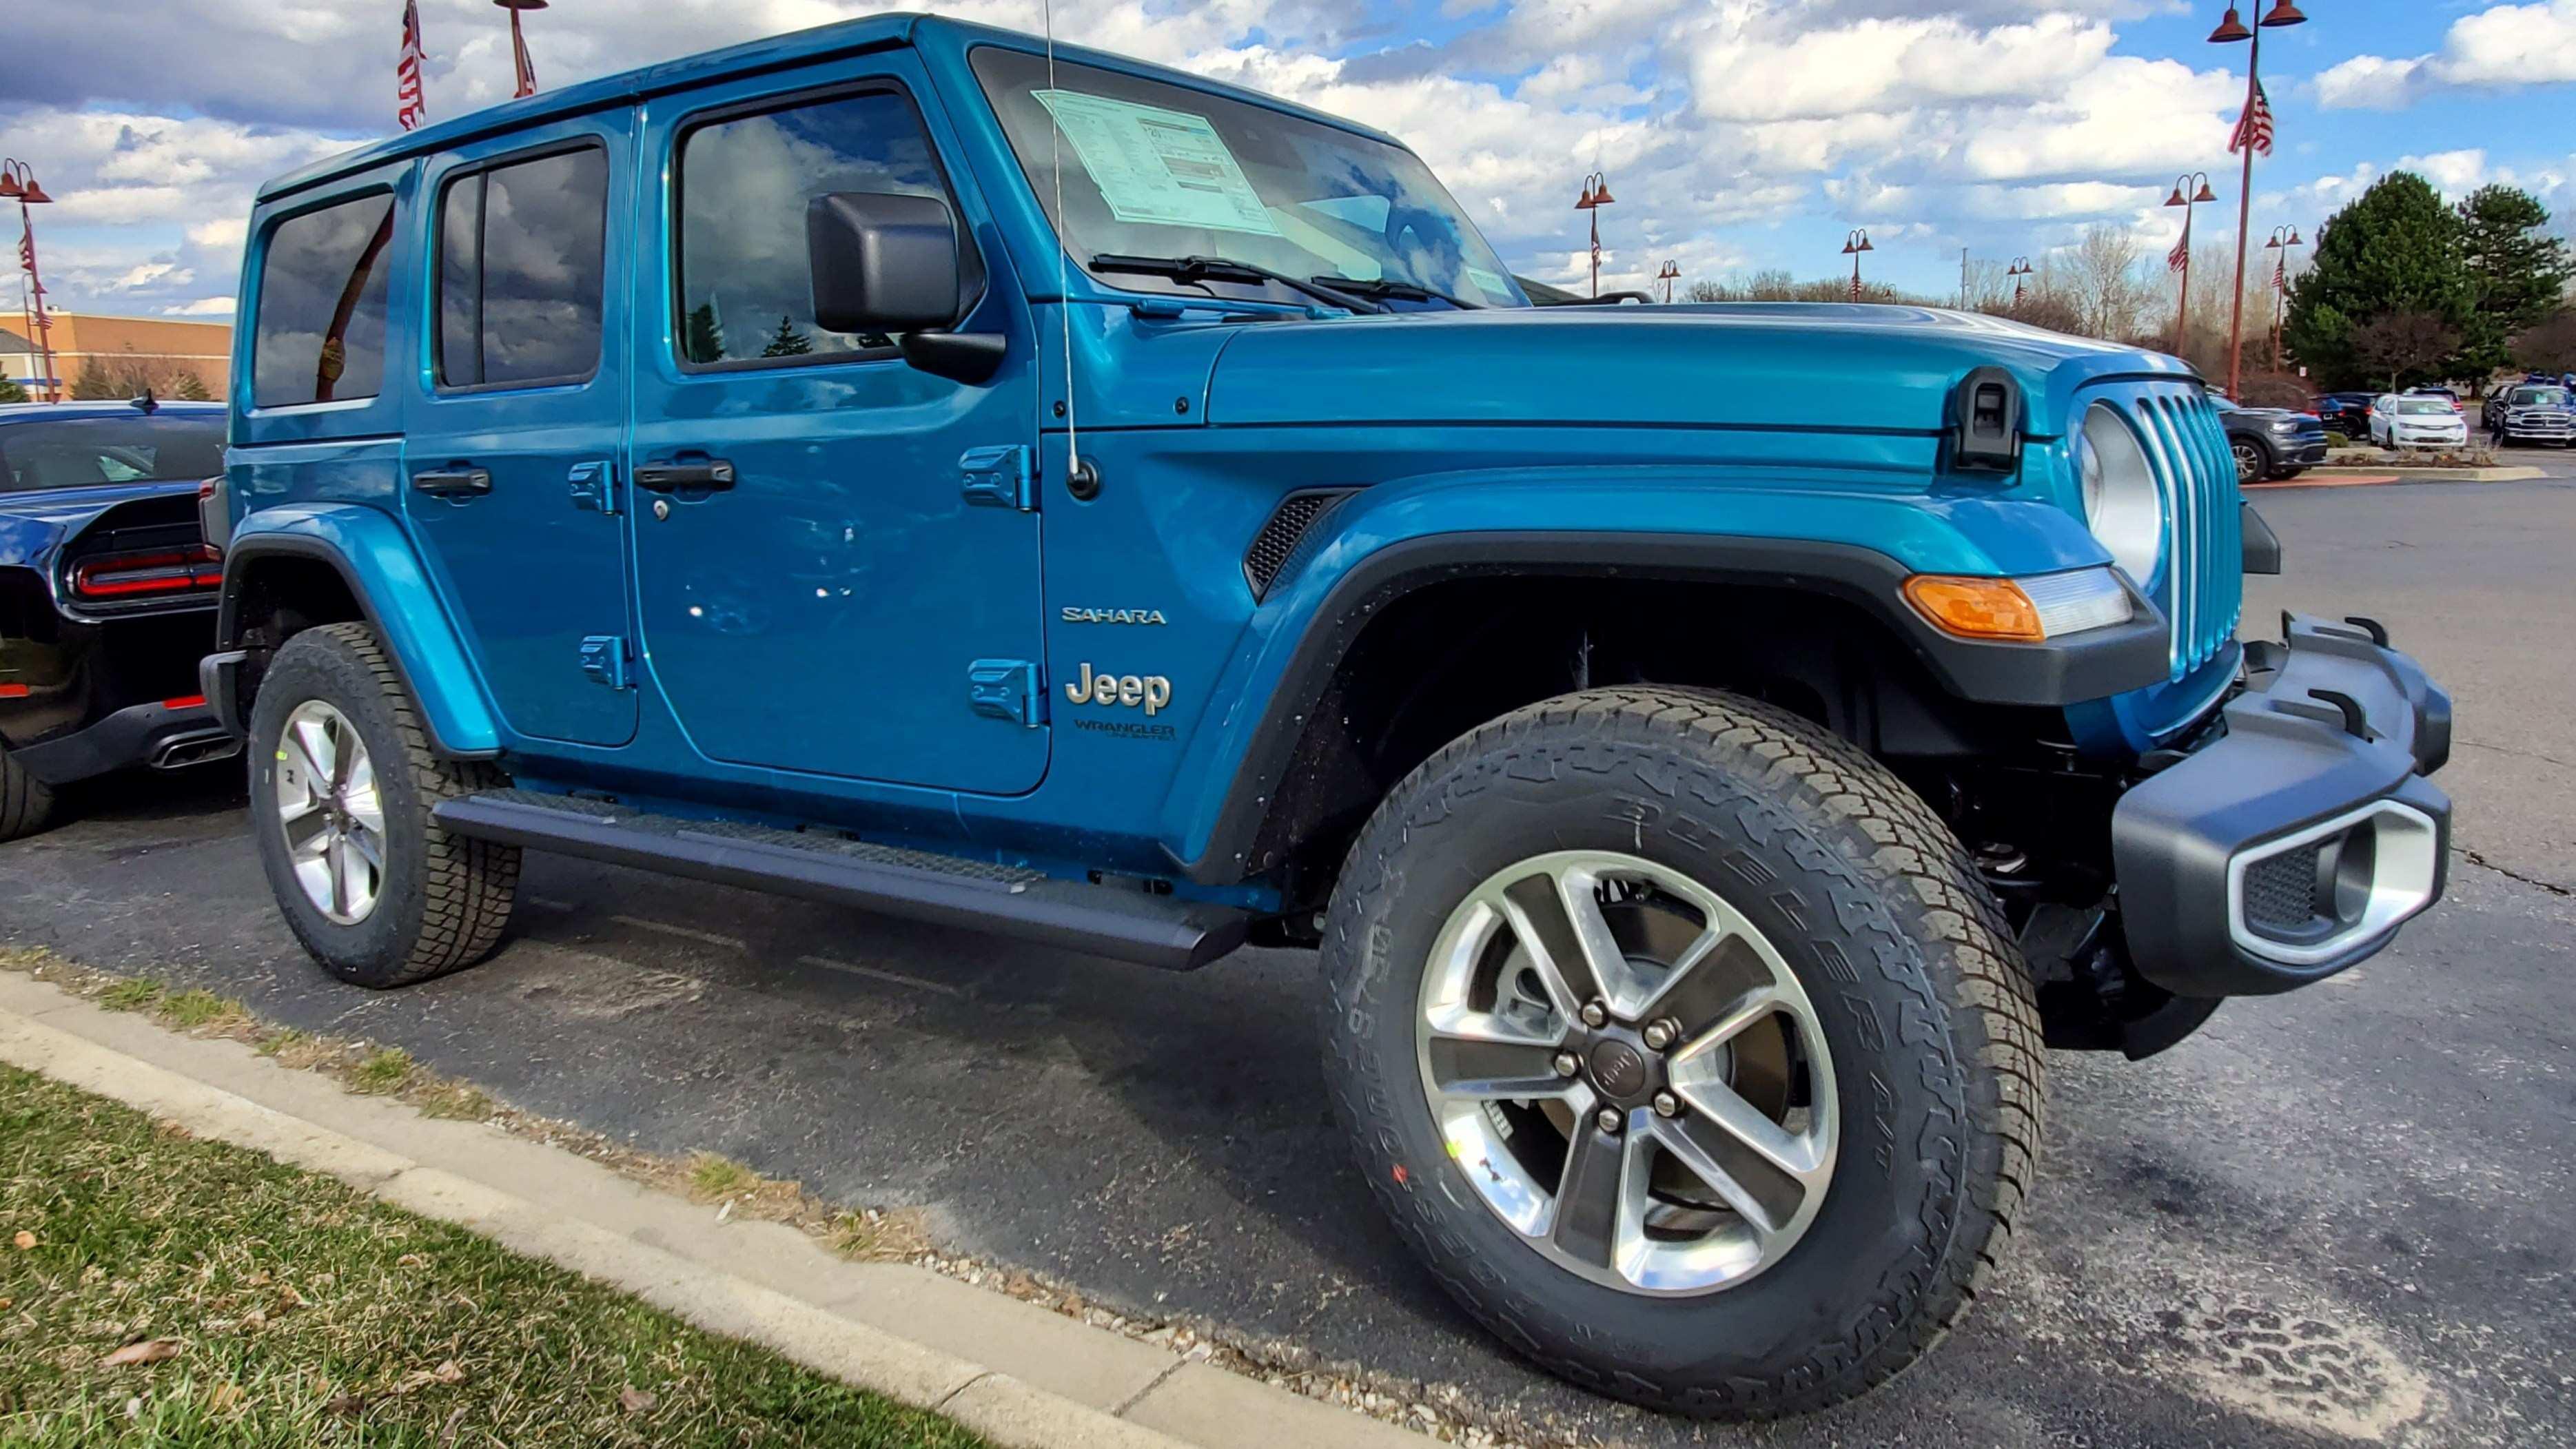 82 Concept of Jeep Jl Colors 2020 Reviews by Jeep Jl Colors 2020